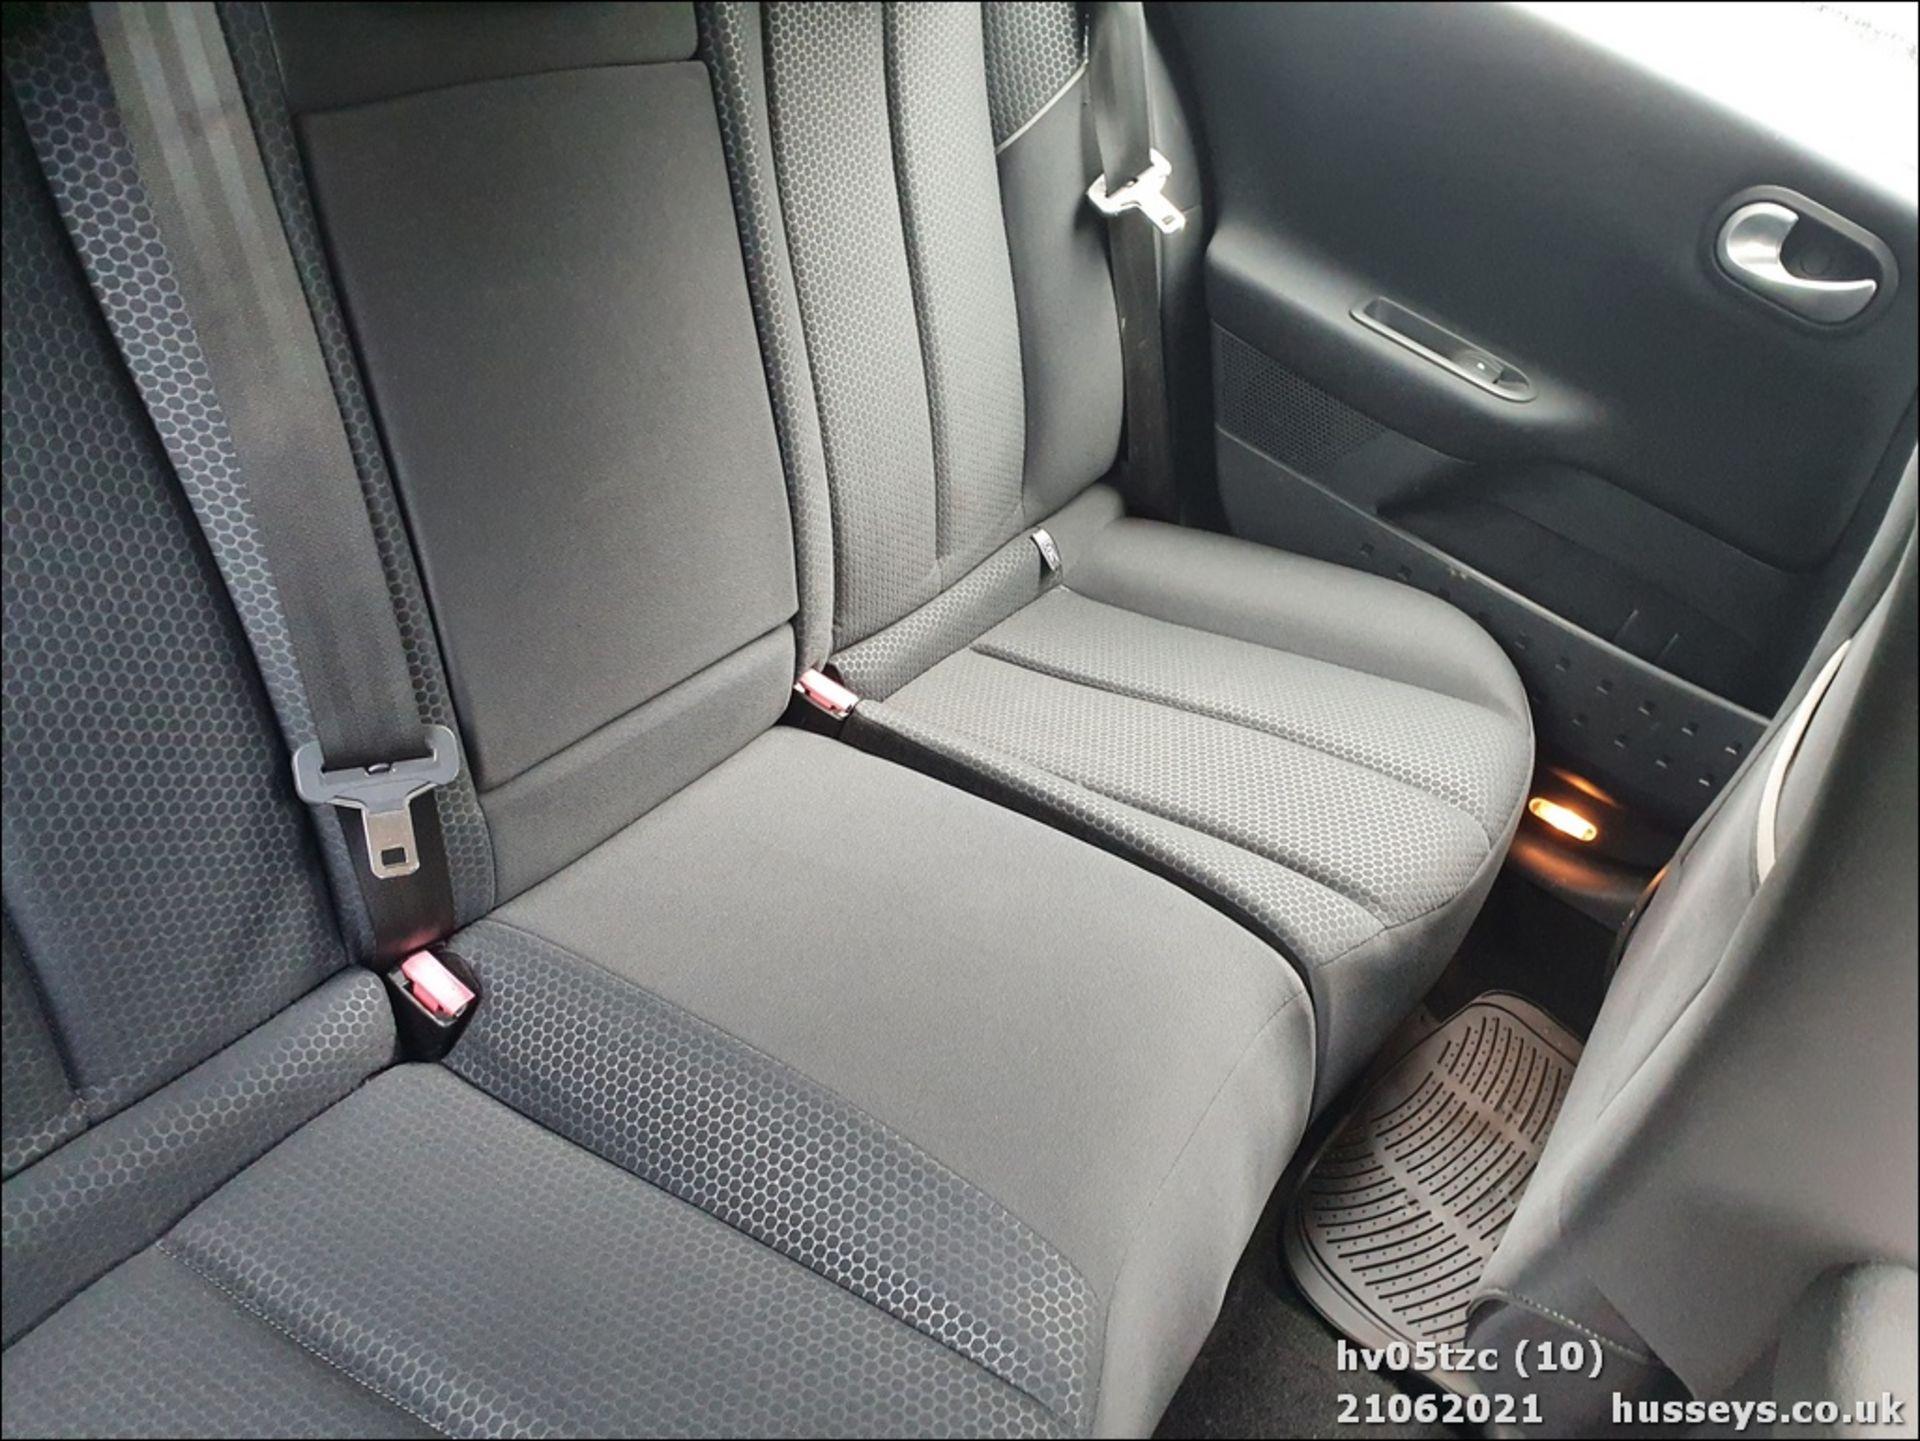 05/05 RENAULT MEGANE DYNAMIQUE 16V - 1598cc 5dr Hatchback (Grey, 41k) - Image 10 of 13